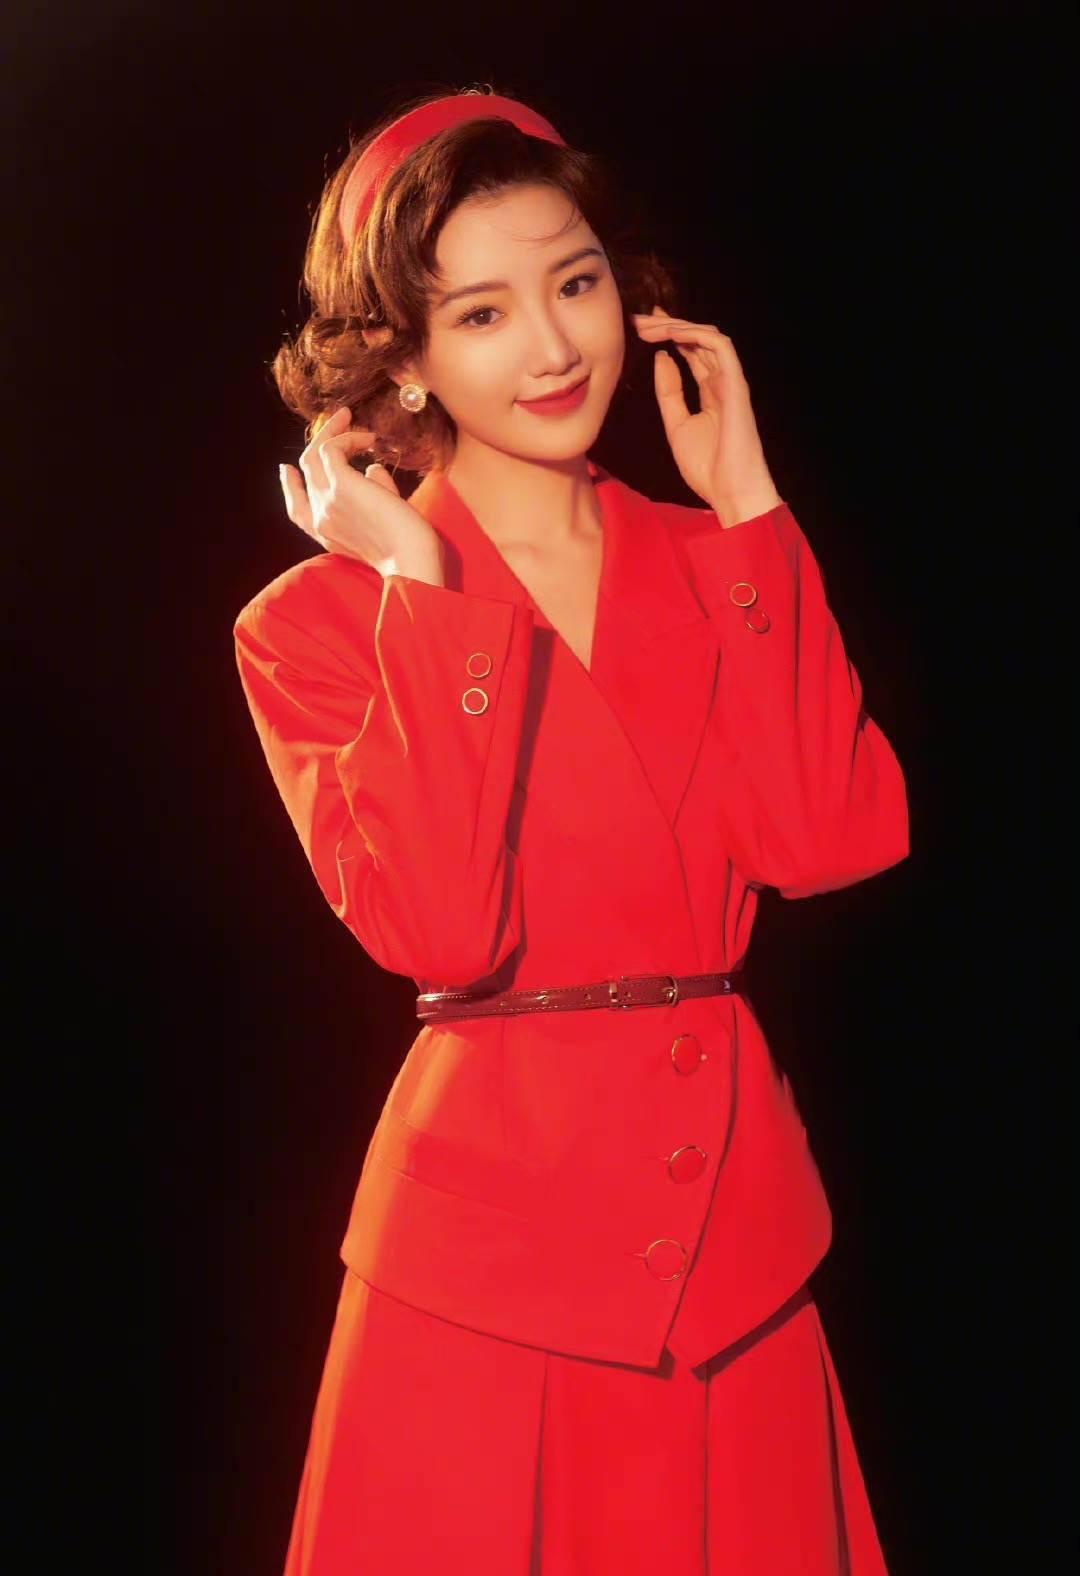 90年代结婚造型太惊艳!毛晓彤烫卷发配红西装,晒复古大片获赞